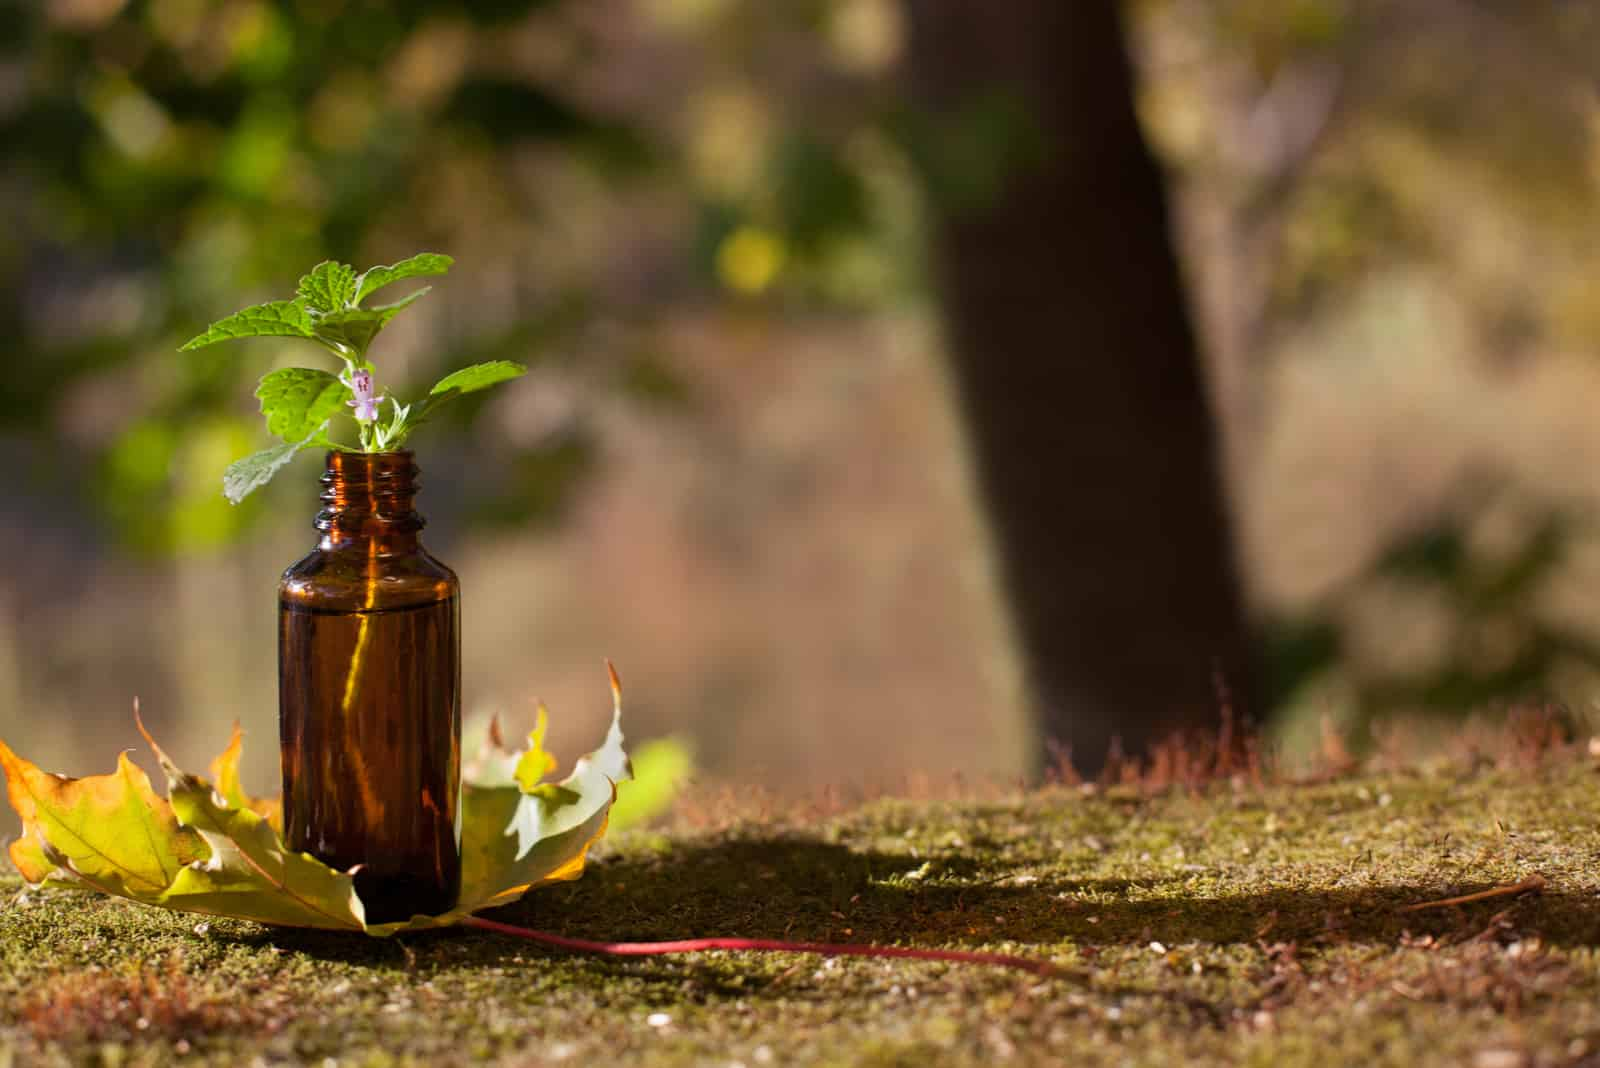 Naturmedizin - braune Flasche und Herbst